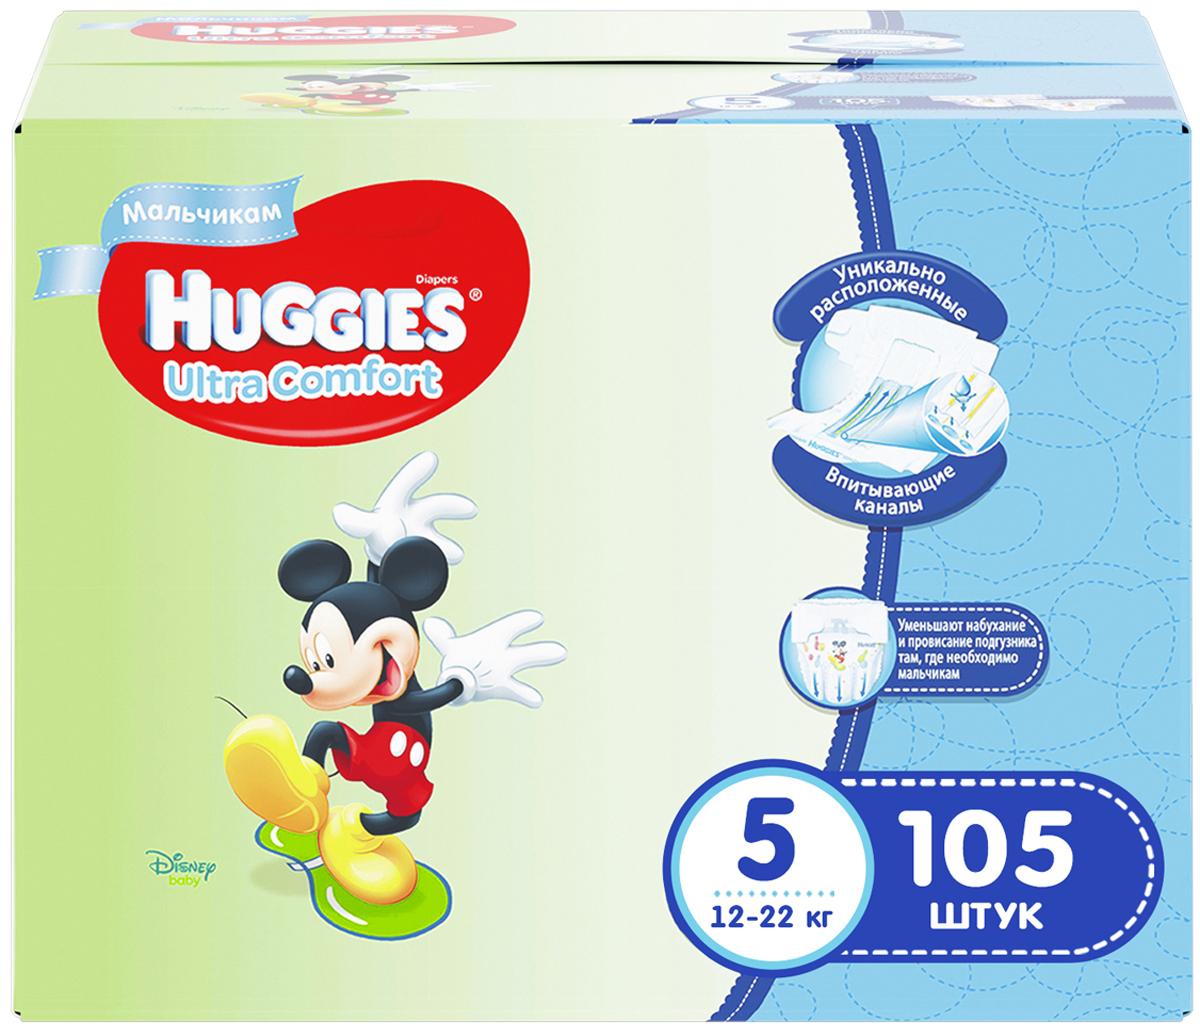 Huggies Подгузники для мальчиков Ultra Comfort 12-22 кг (размер 5) 105 шт